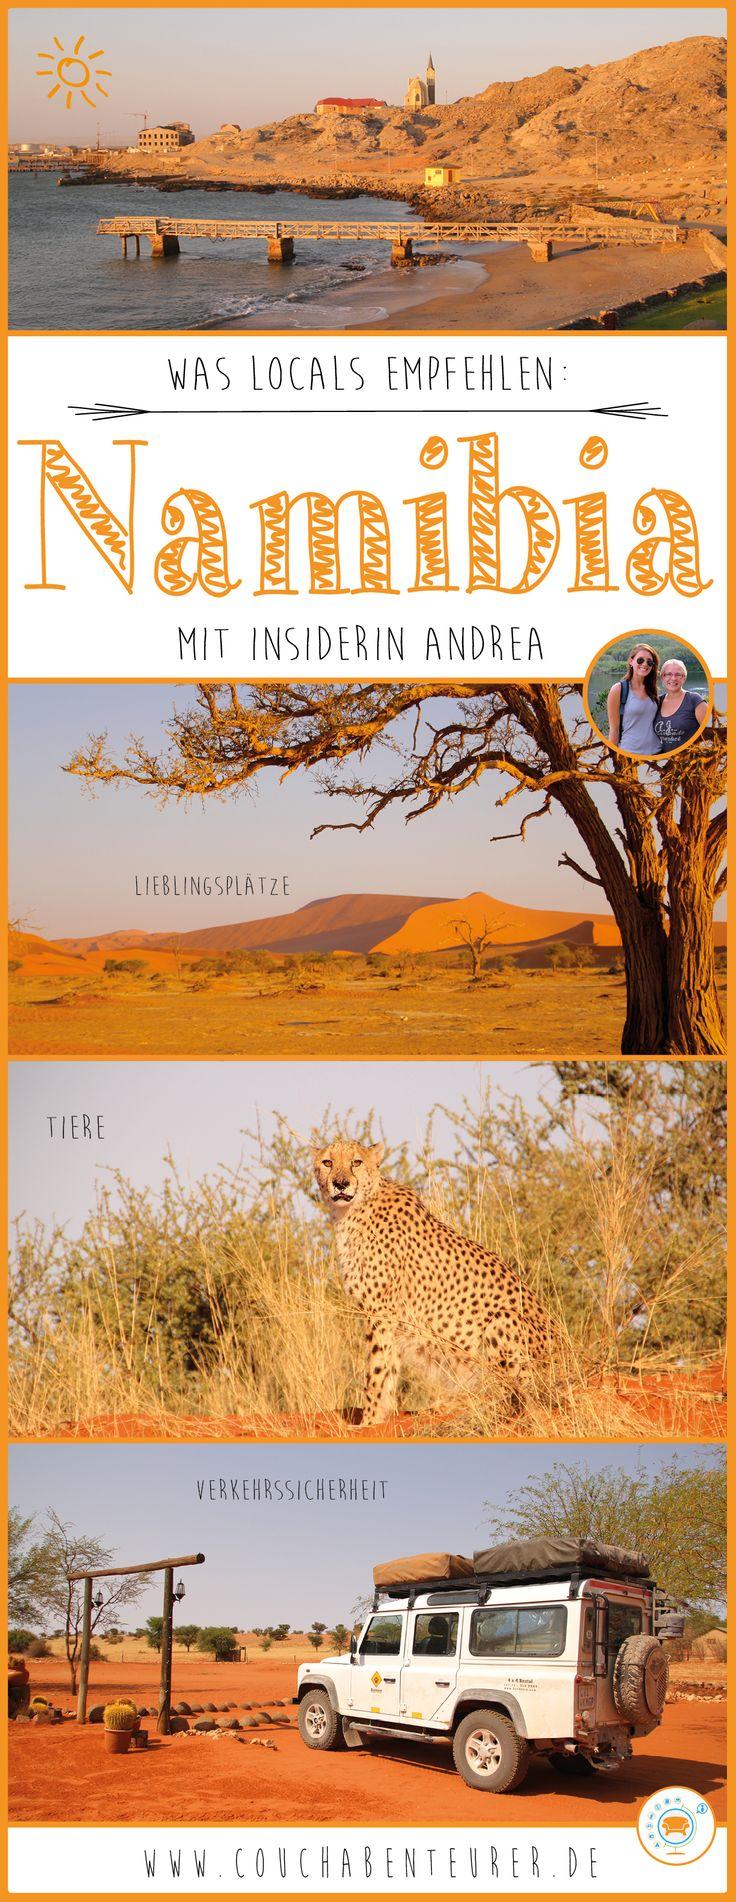 Auf Reisen erkundige ich mich oft bei Locals über ihr Land. Das hilft mir in keine Fettnäpfchen zu treten, sicher zu reisen und die schönsten Plätze zu entdecken. Glücklicherweise habe ich liebe Freunde die aus Namibia stammen und mir auch vorab schon verraten haben, worauf es in ihrer Heimat ankommt!  Andrea kenne ich aus meiner Zeit in Südafrika. Sie ist noch oft im Nachbarland um ihre Familie zu besuchen und kennt sich daher bestens aus! Das hat sie mir verraten: